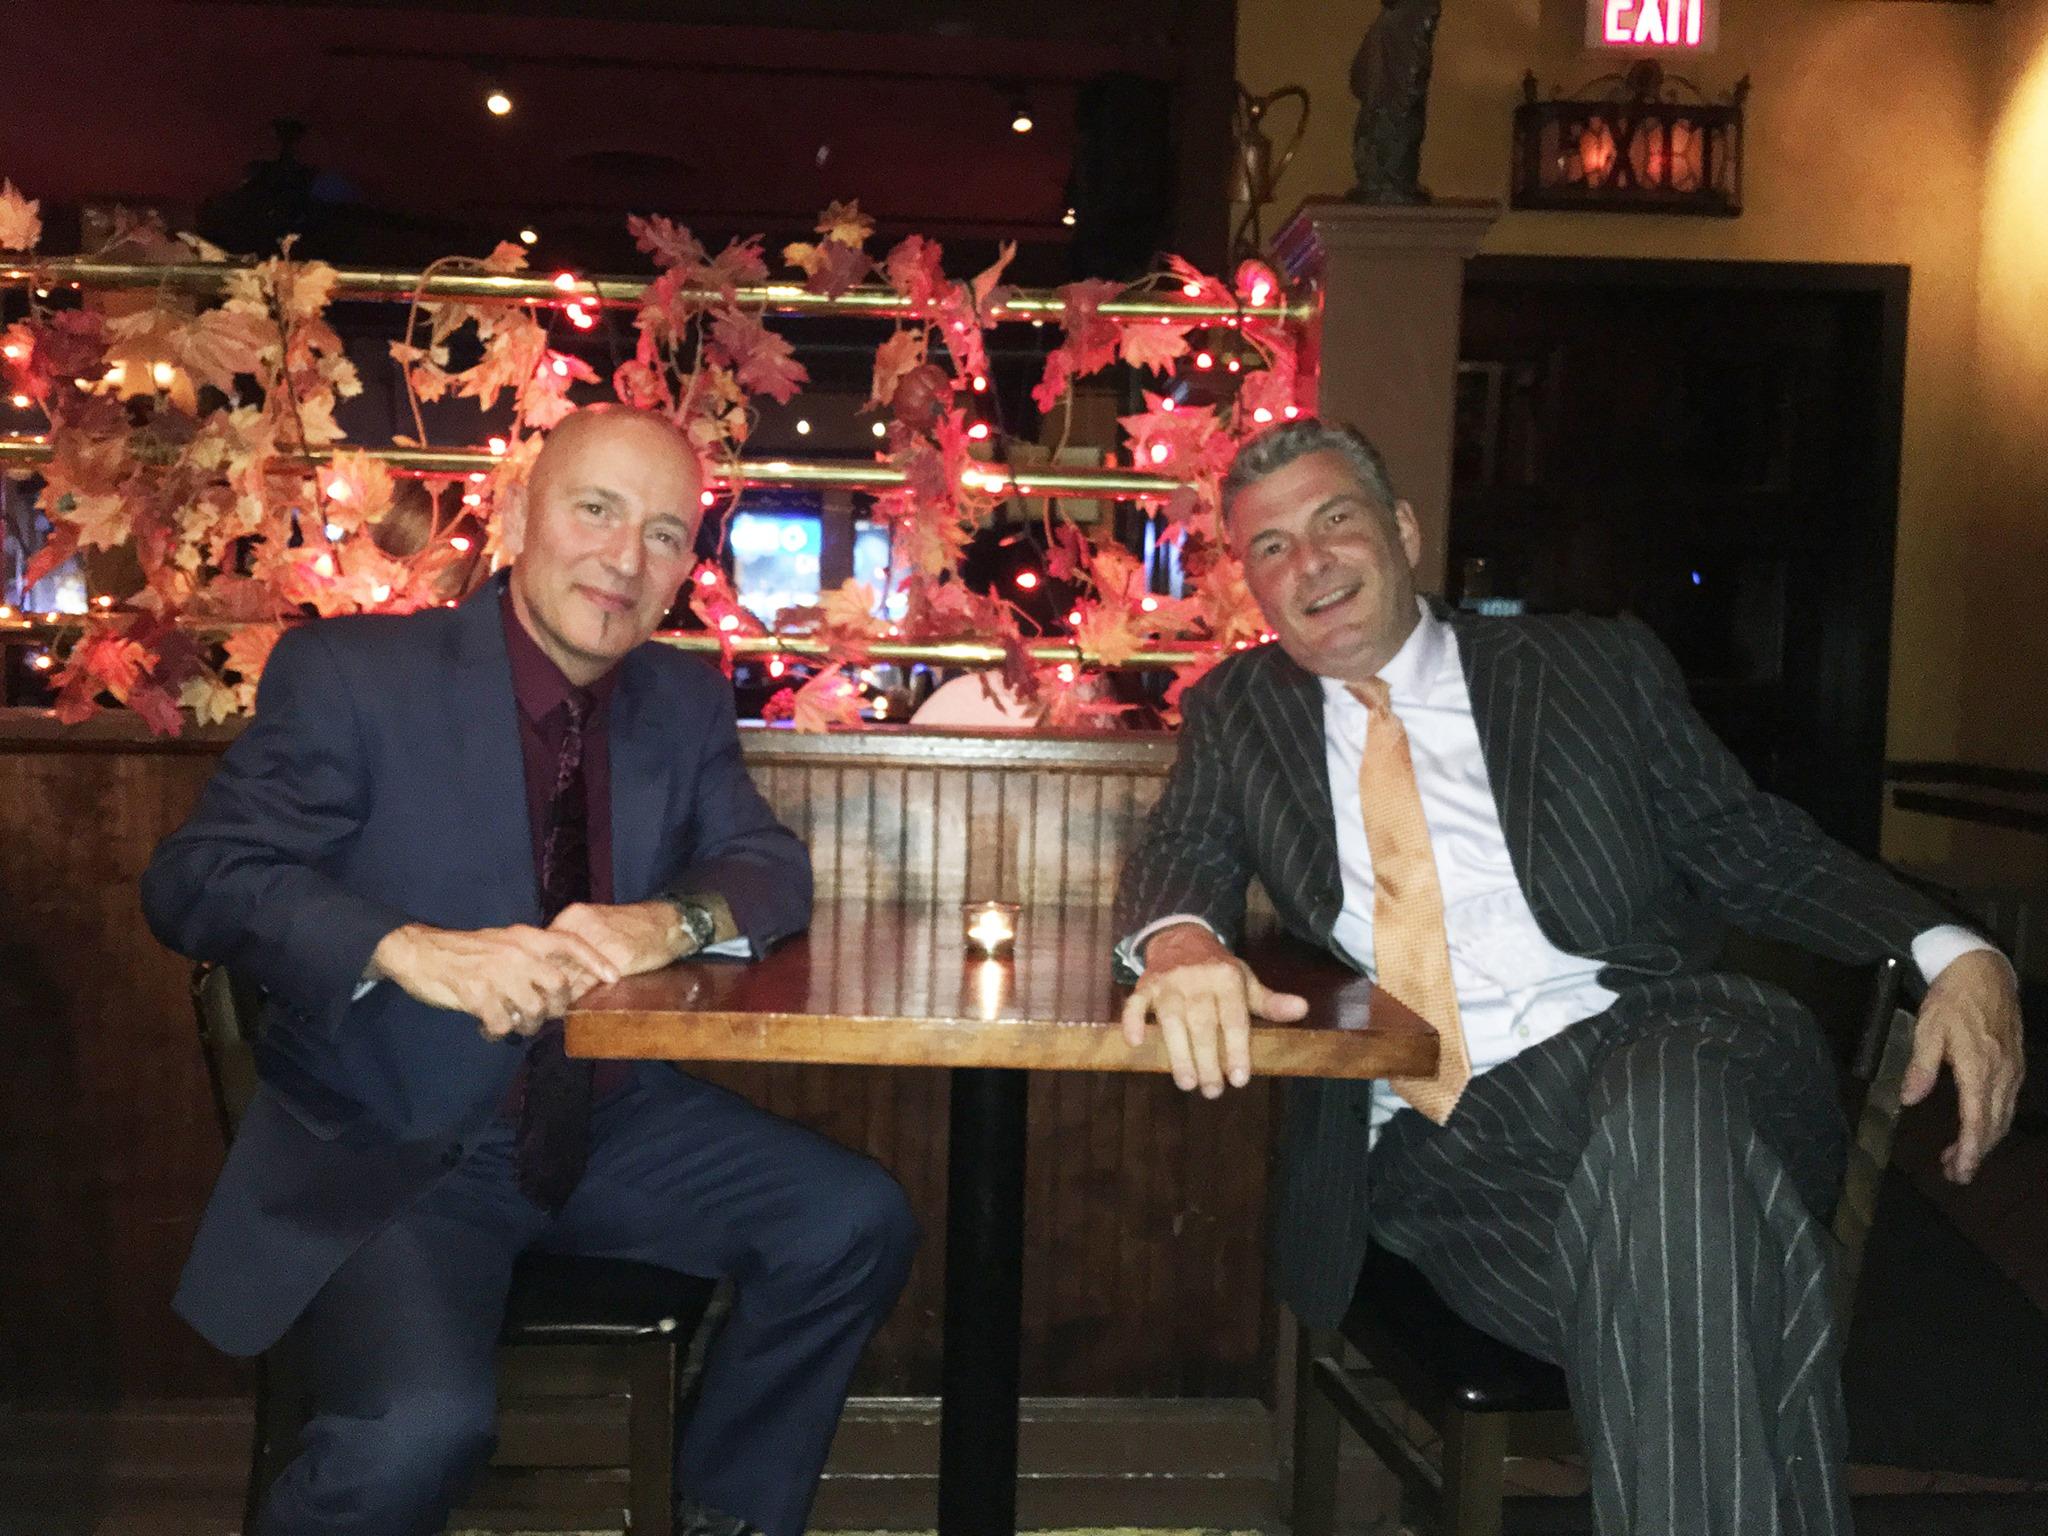 Sganga & Pizzarelli At The Knickerbocker!